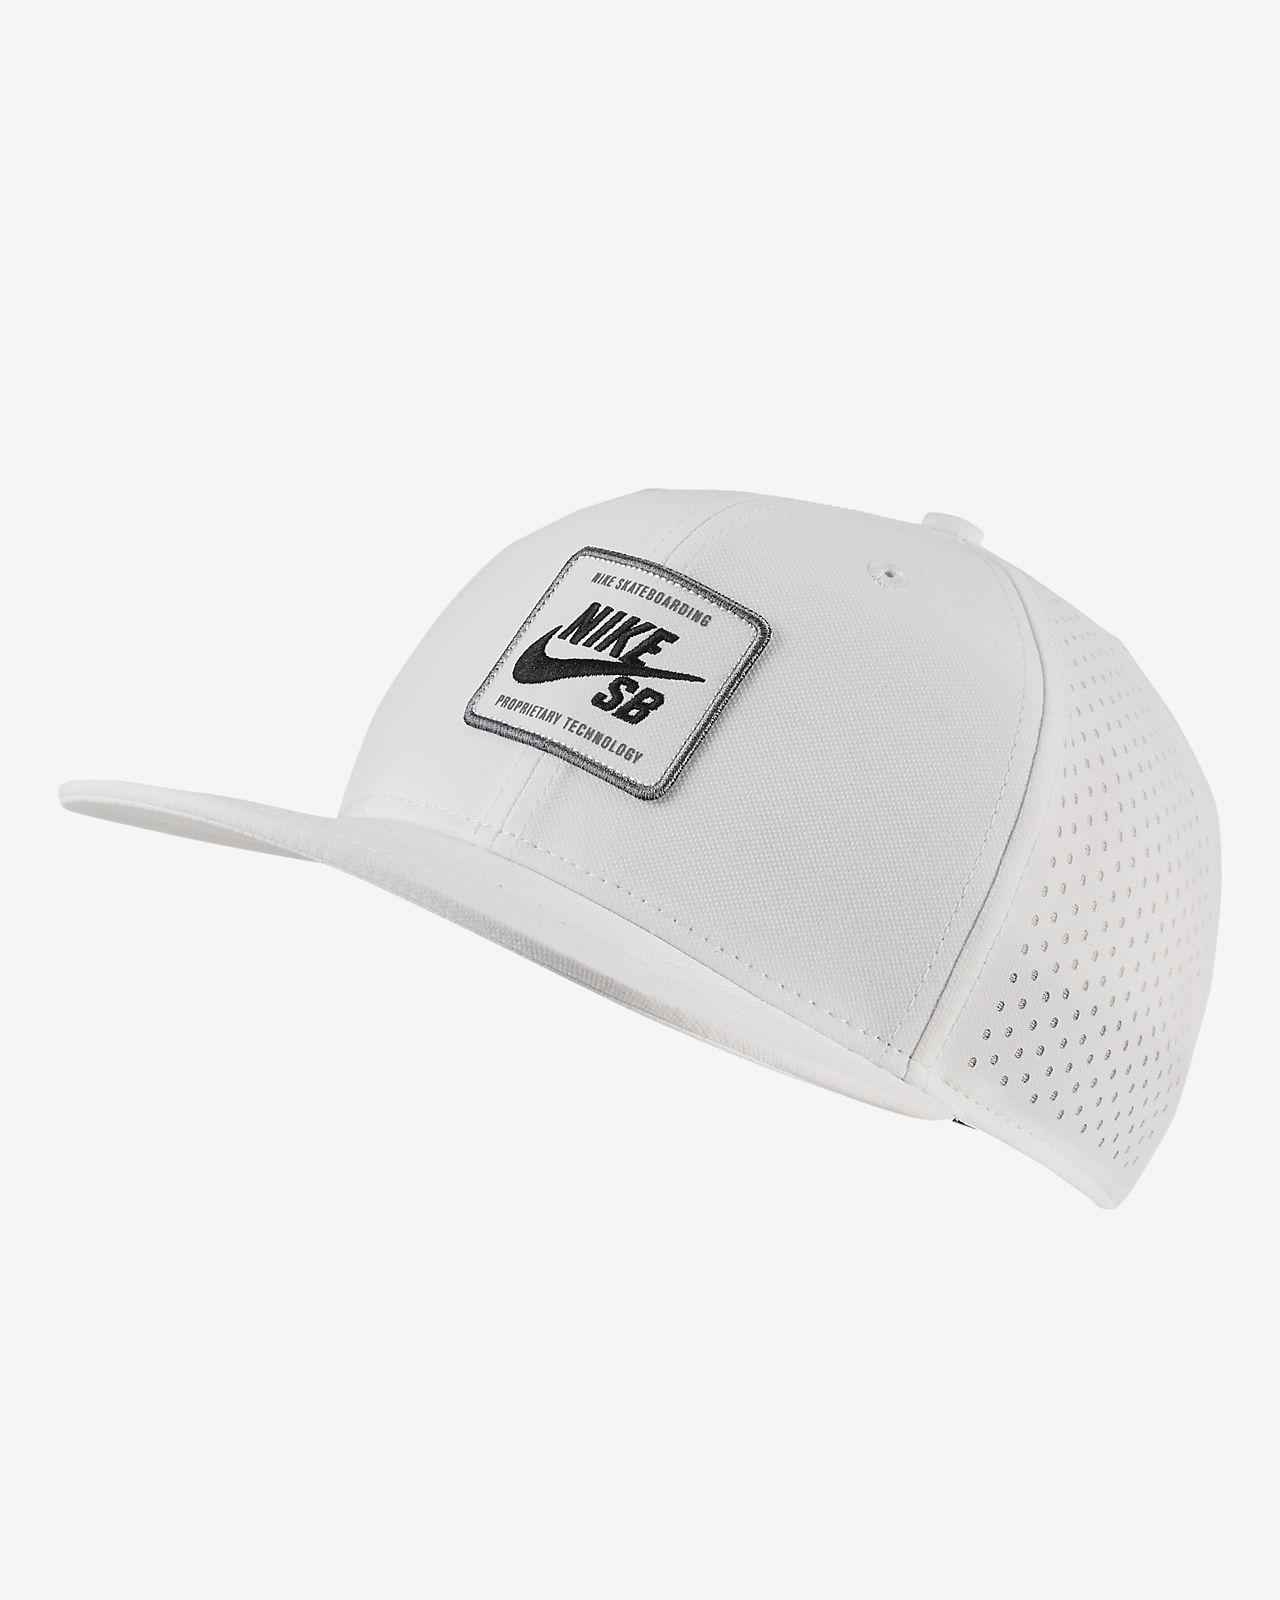 หมวกสเก็ตบอร์ด Nike SB AeroBill Pro 2.0